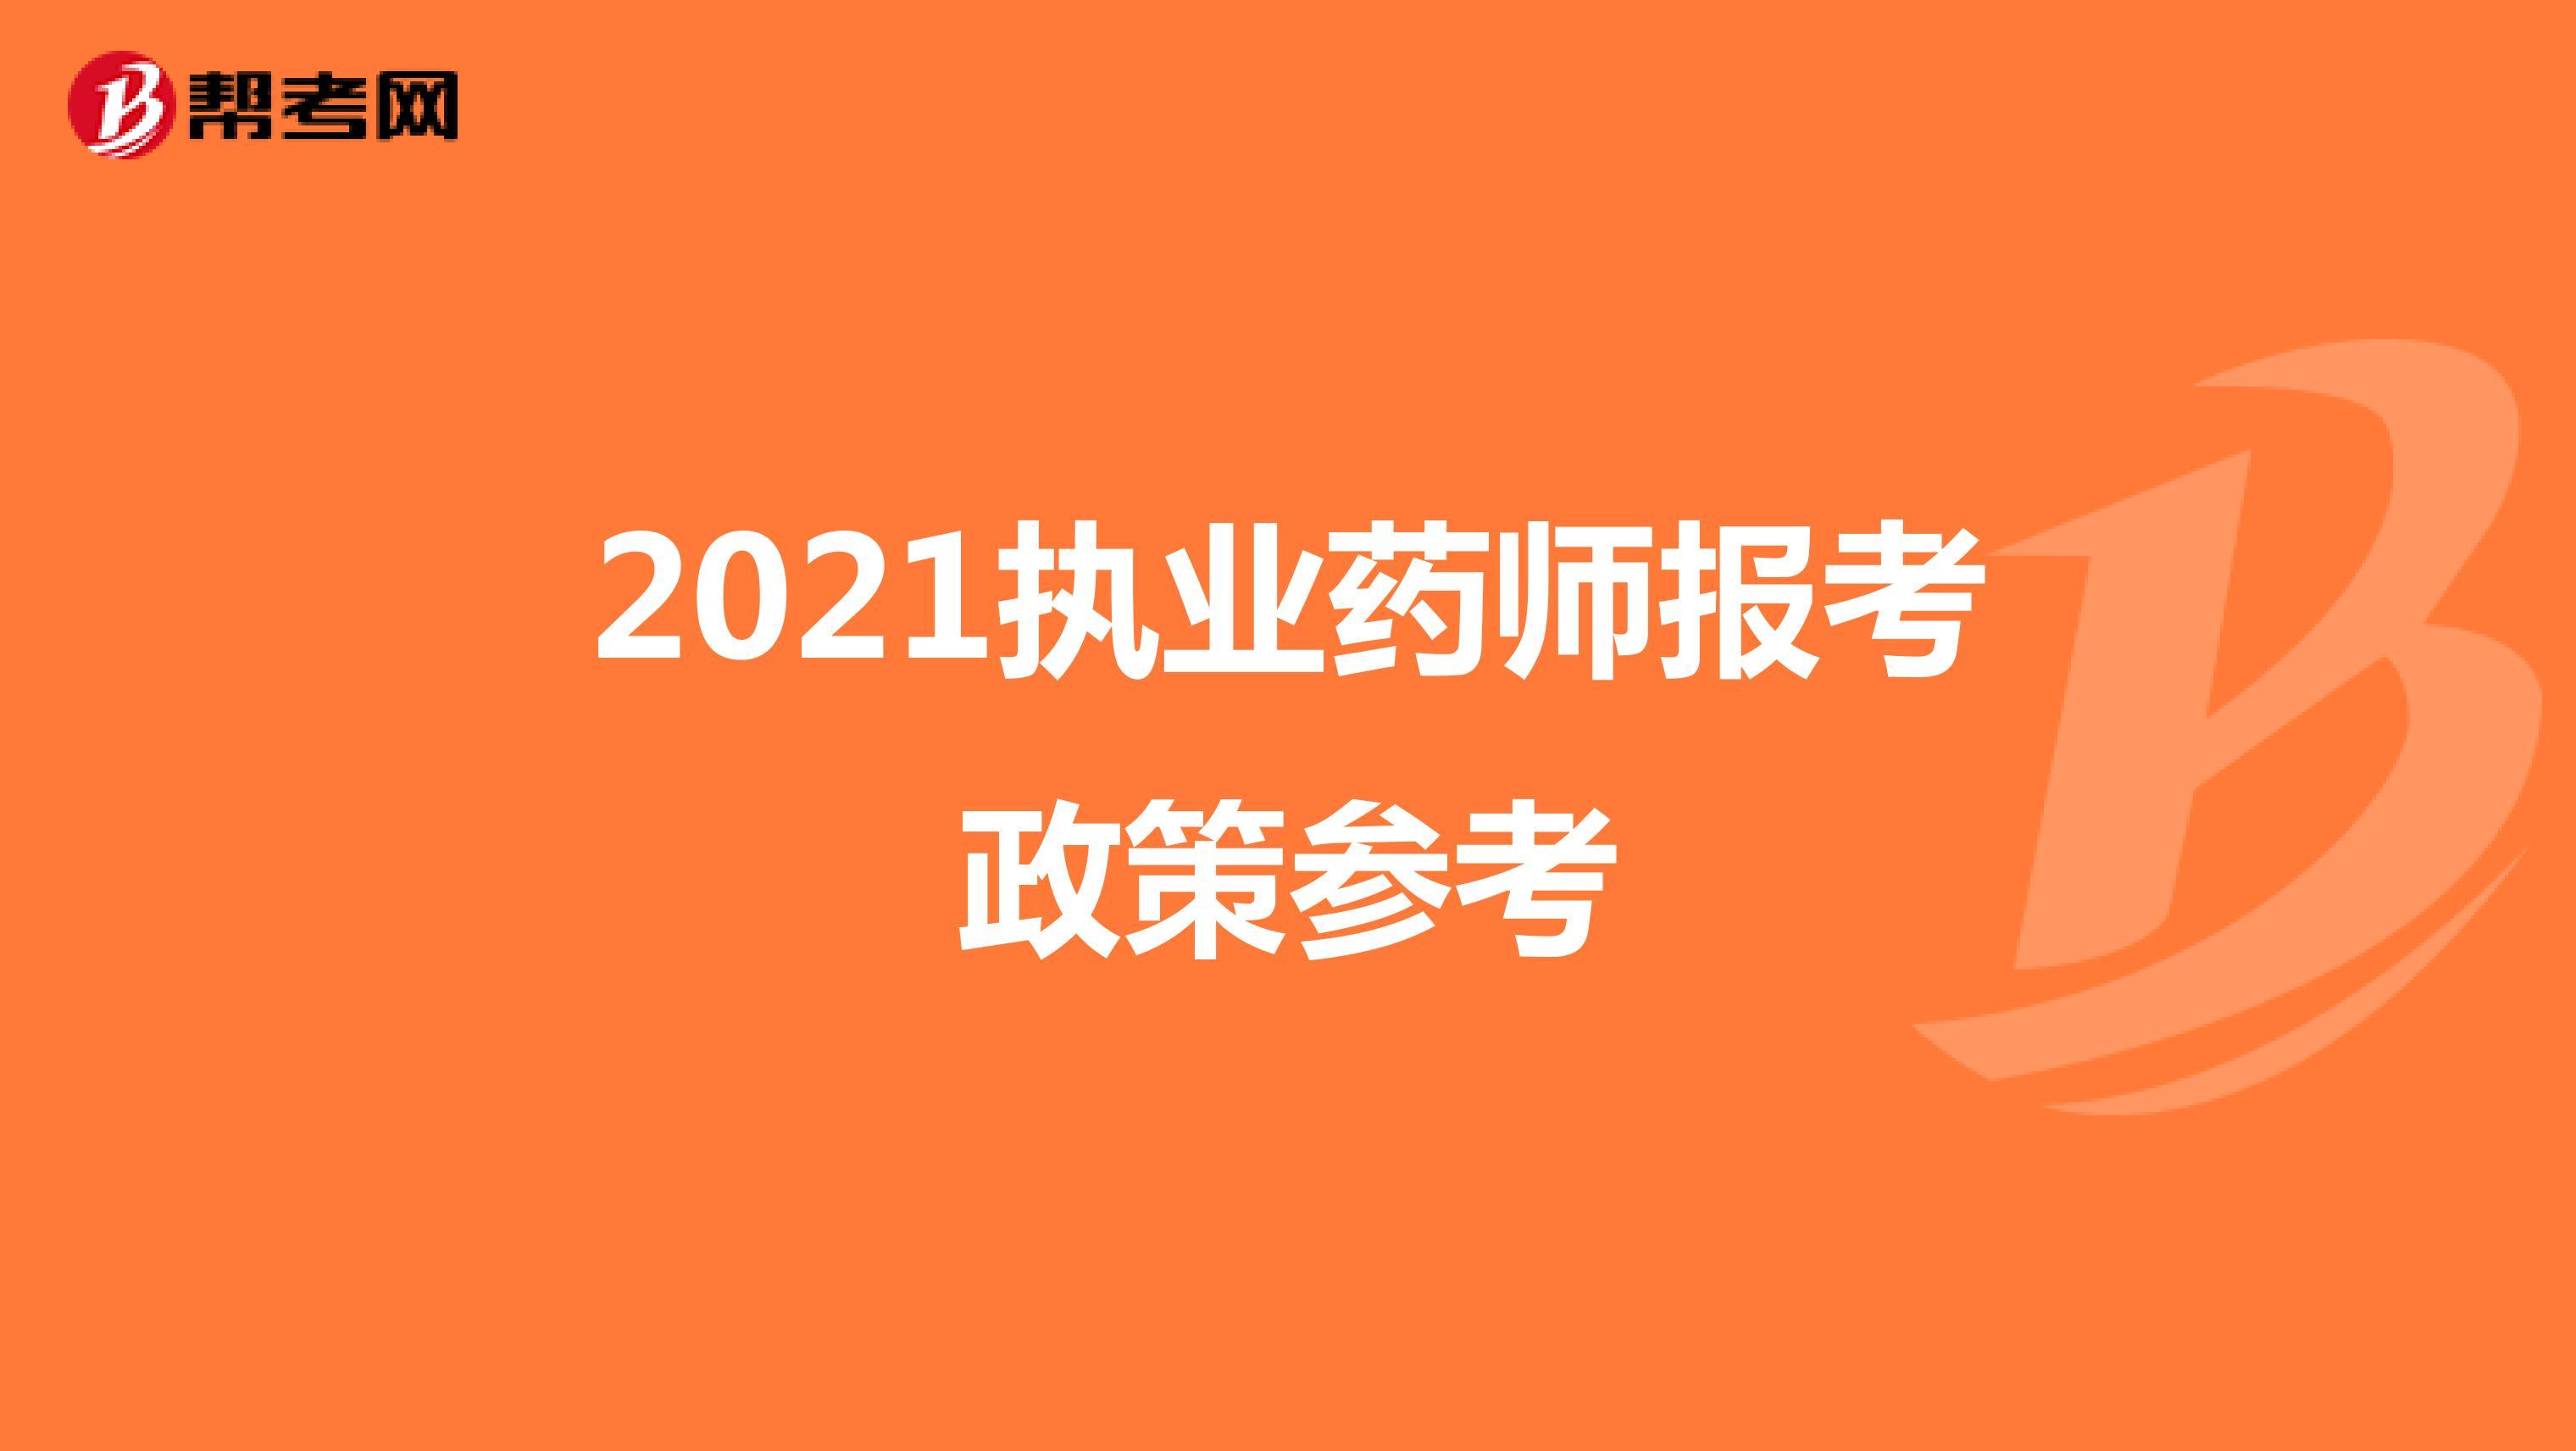 2021执业药师报考政策参考